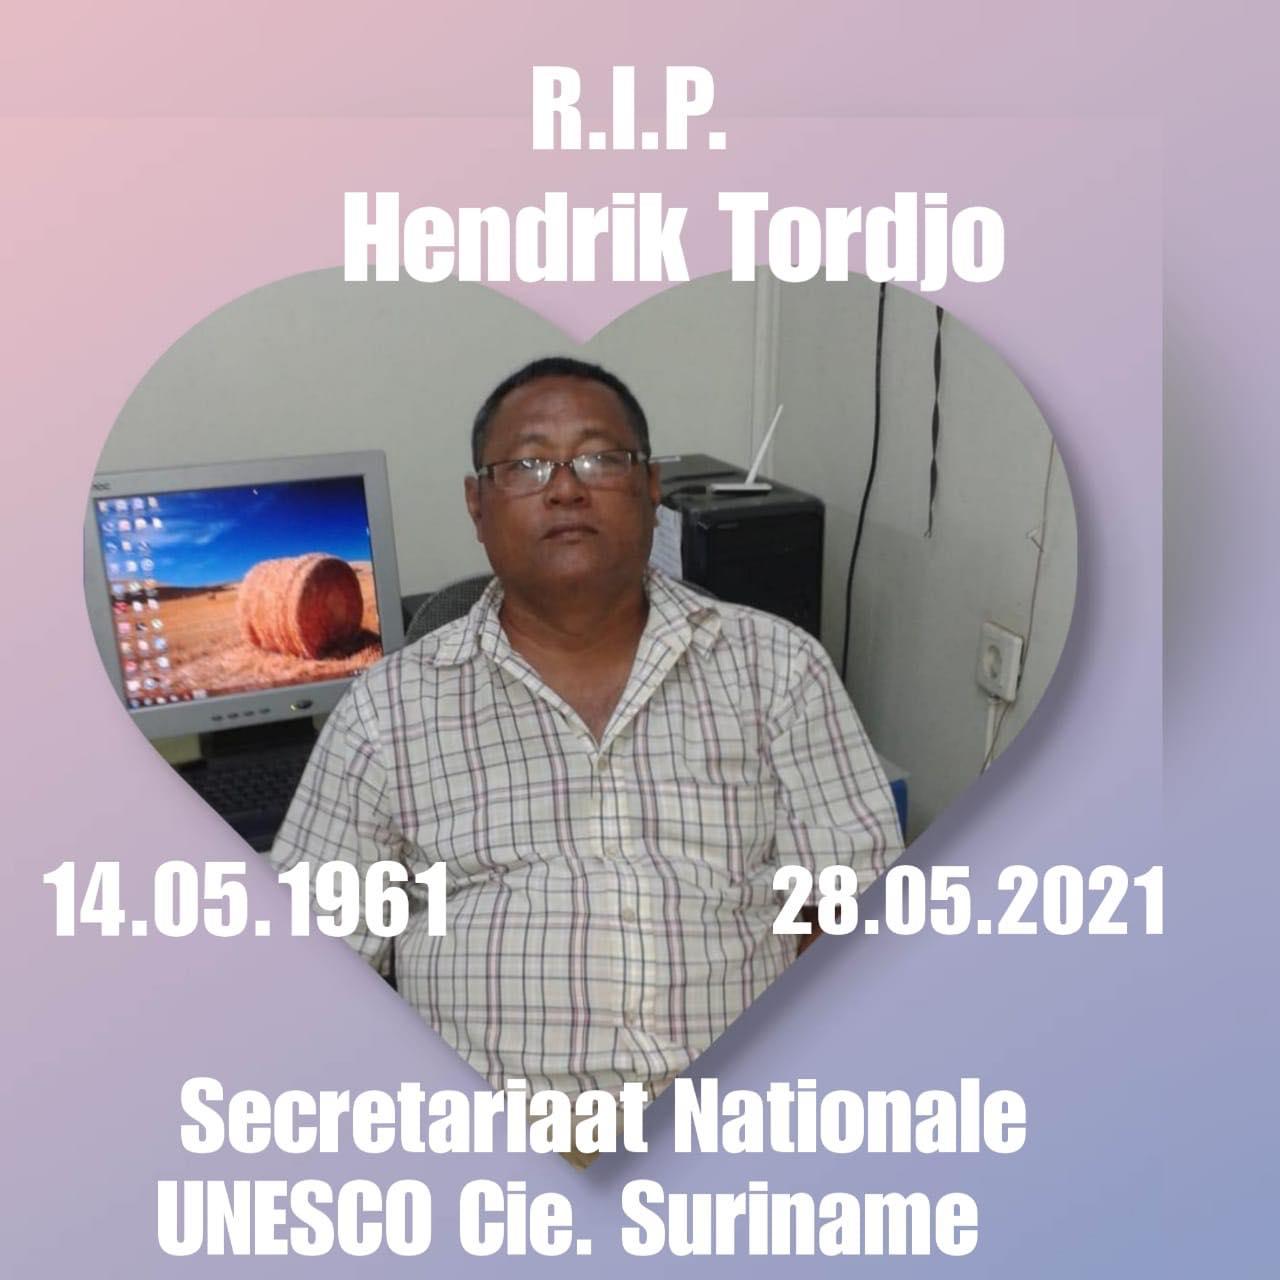 Hendrik Tordjo Suriname